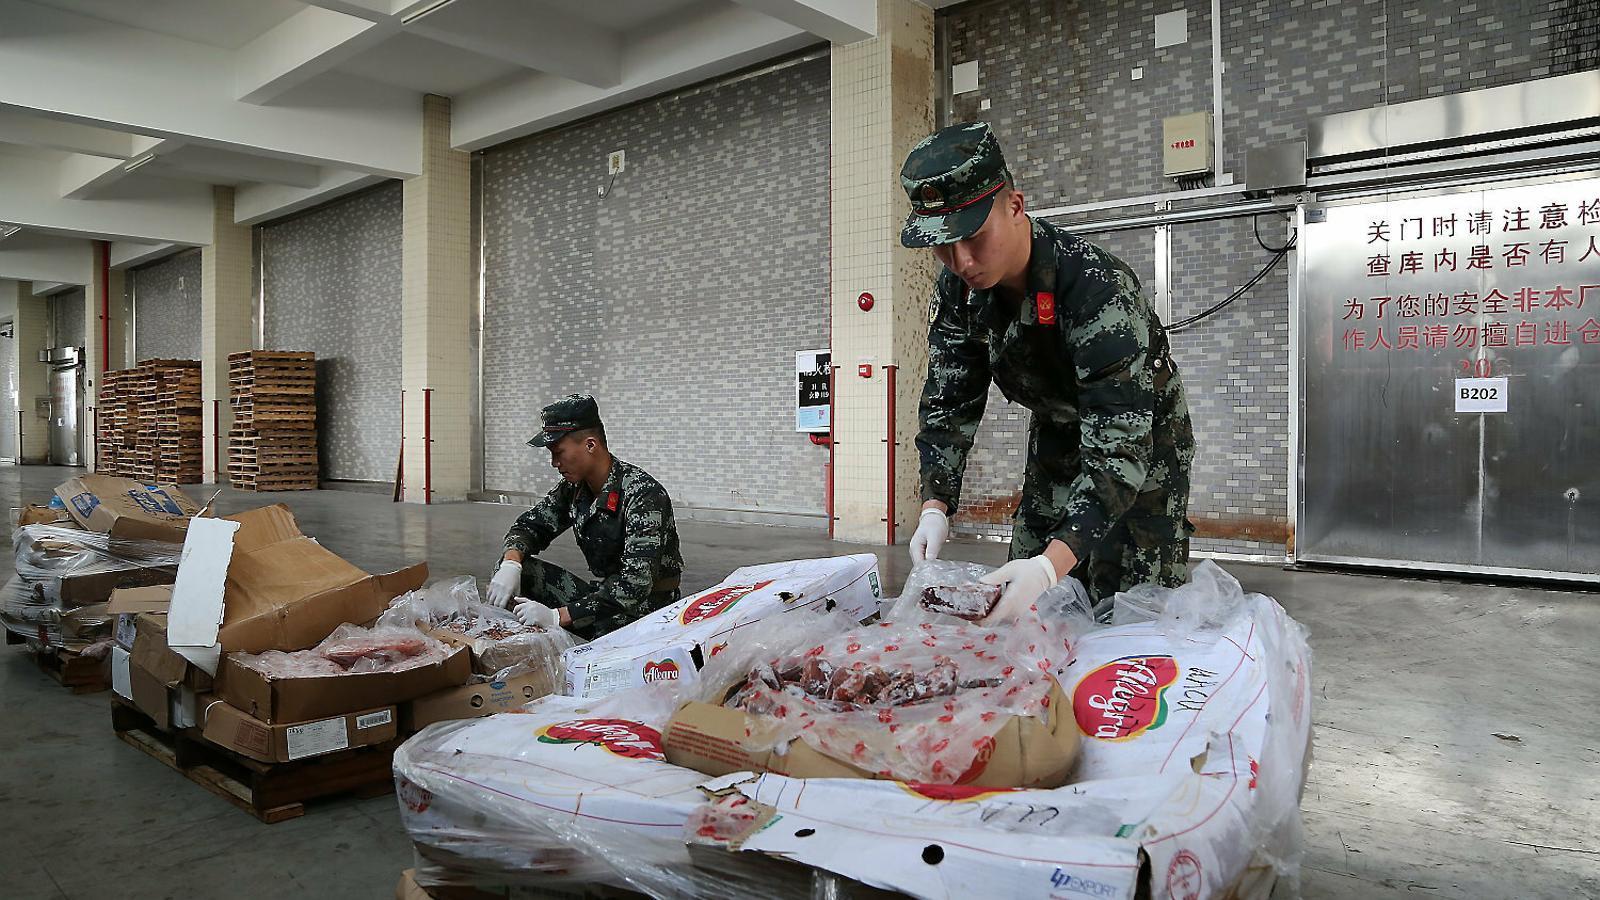 La policia marítima xinesa interceptant una de les moltes partides de porcs afectades per la pesta porcina africana procedents d'aquell continent.